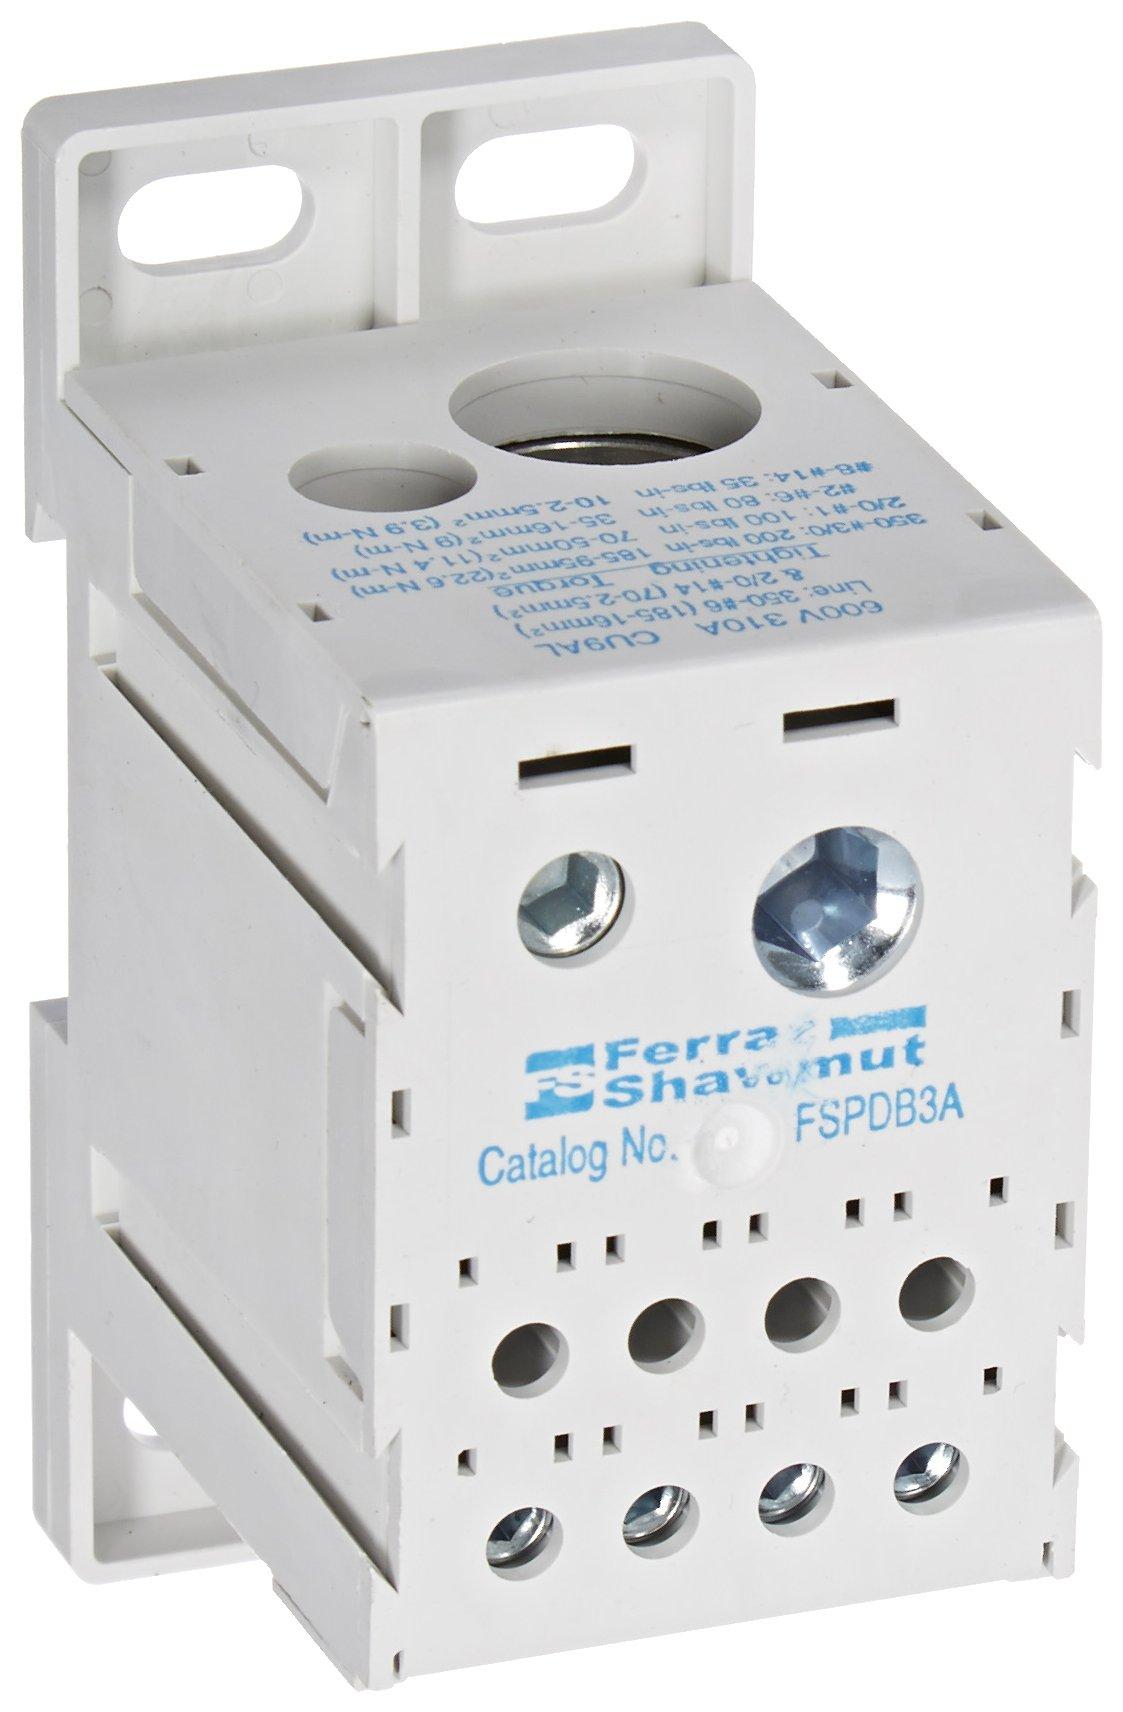 Mersen FSPDB3A Aluminum Finger-Safe Power Distribution Block, 600VAC/DC, 100kA, 310 Ampere, 3-31/32'' Length x 2-17/32'' Width x 1-27/32'' Height